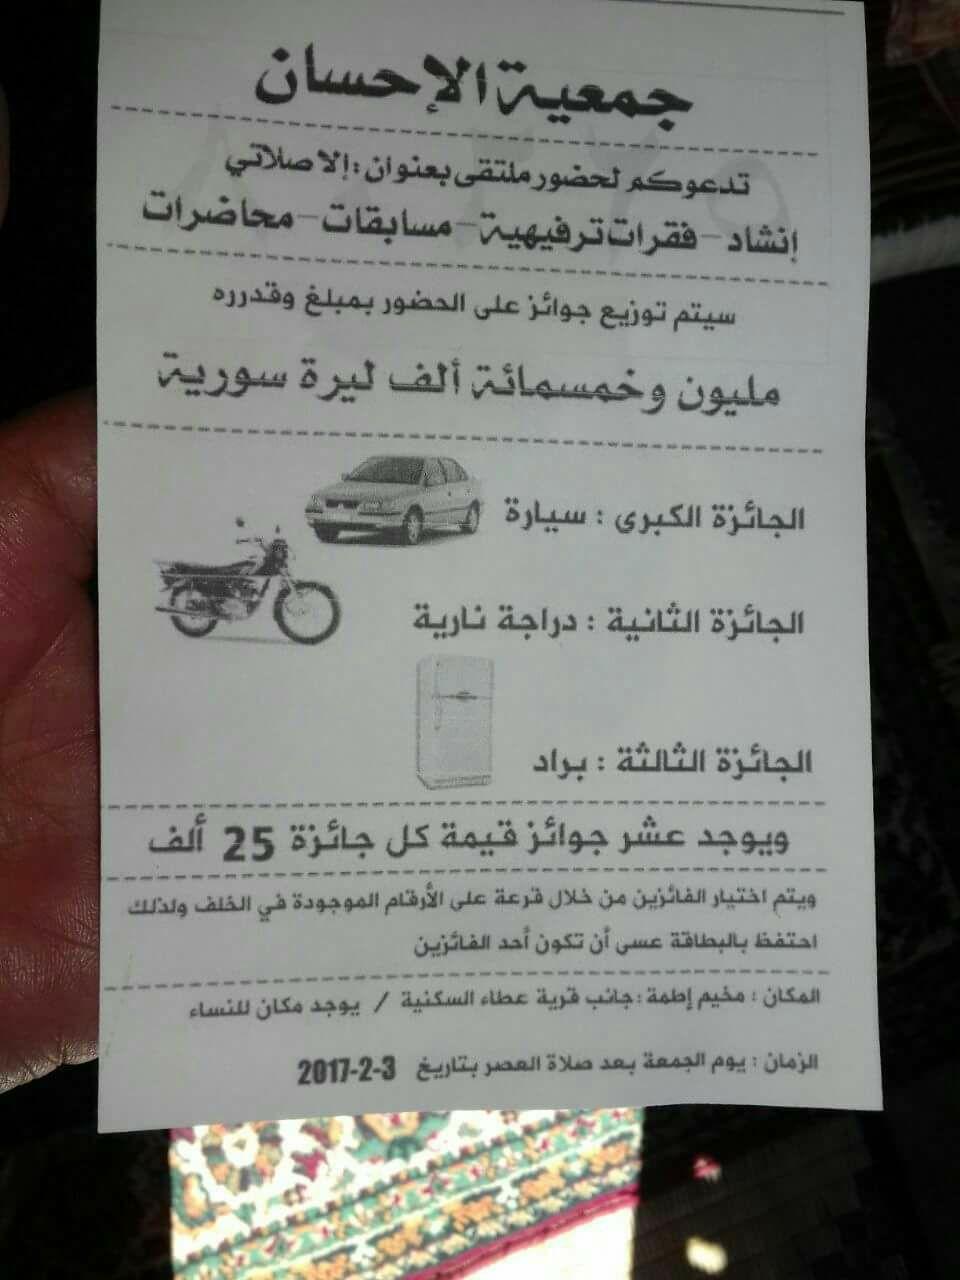 إعلان الحفل في أطمة (ناشطون)